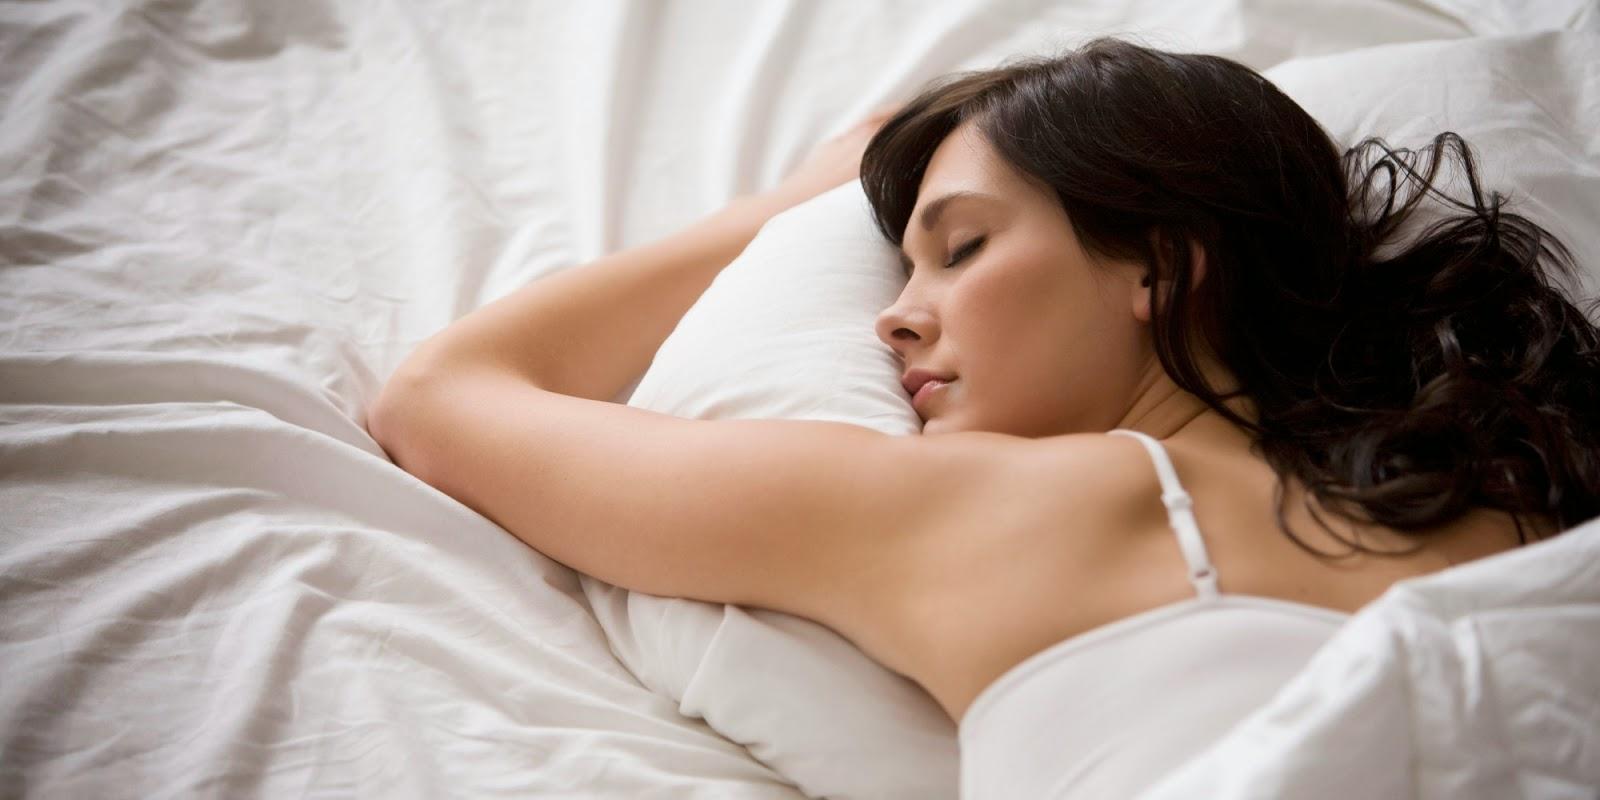 13 sai lầm tệ hại nhất bạn đang đối xử với bản thân - Ngủ nhiều